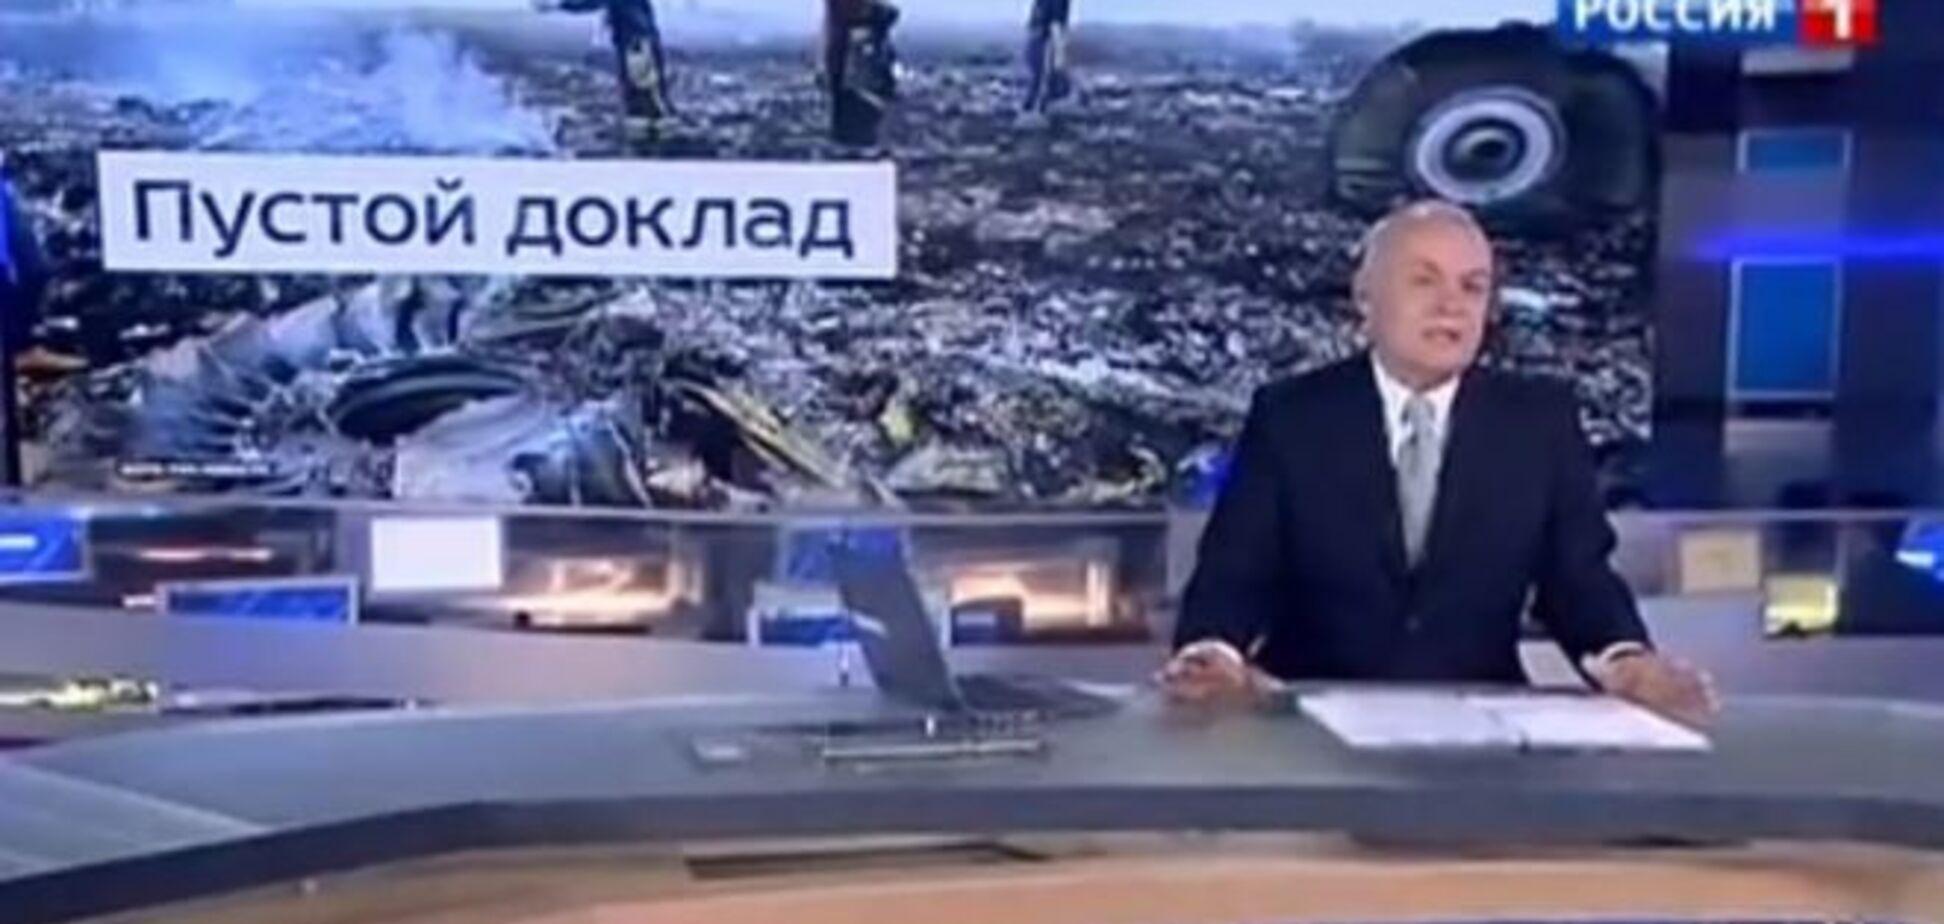 Еволюція брехні: як змінювалися версії Кремля про катастрофу Боїнга